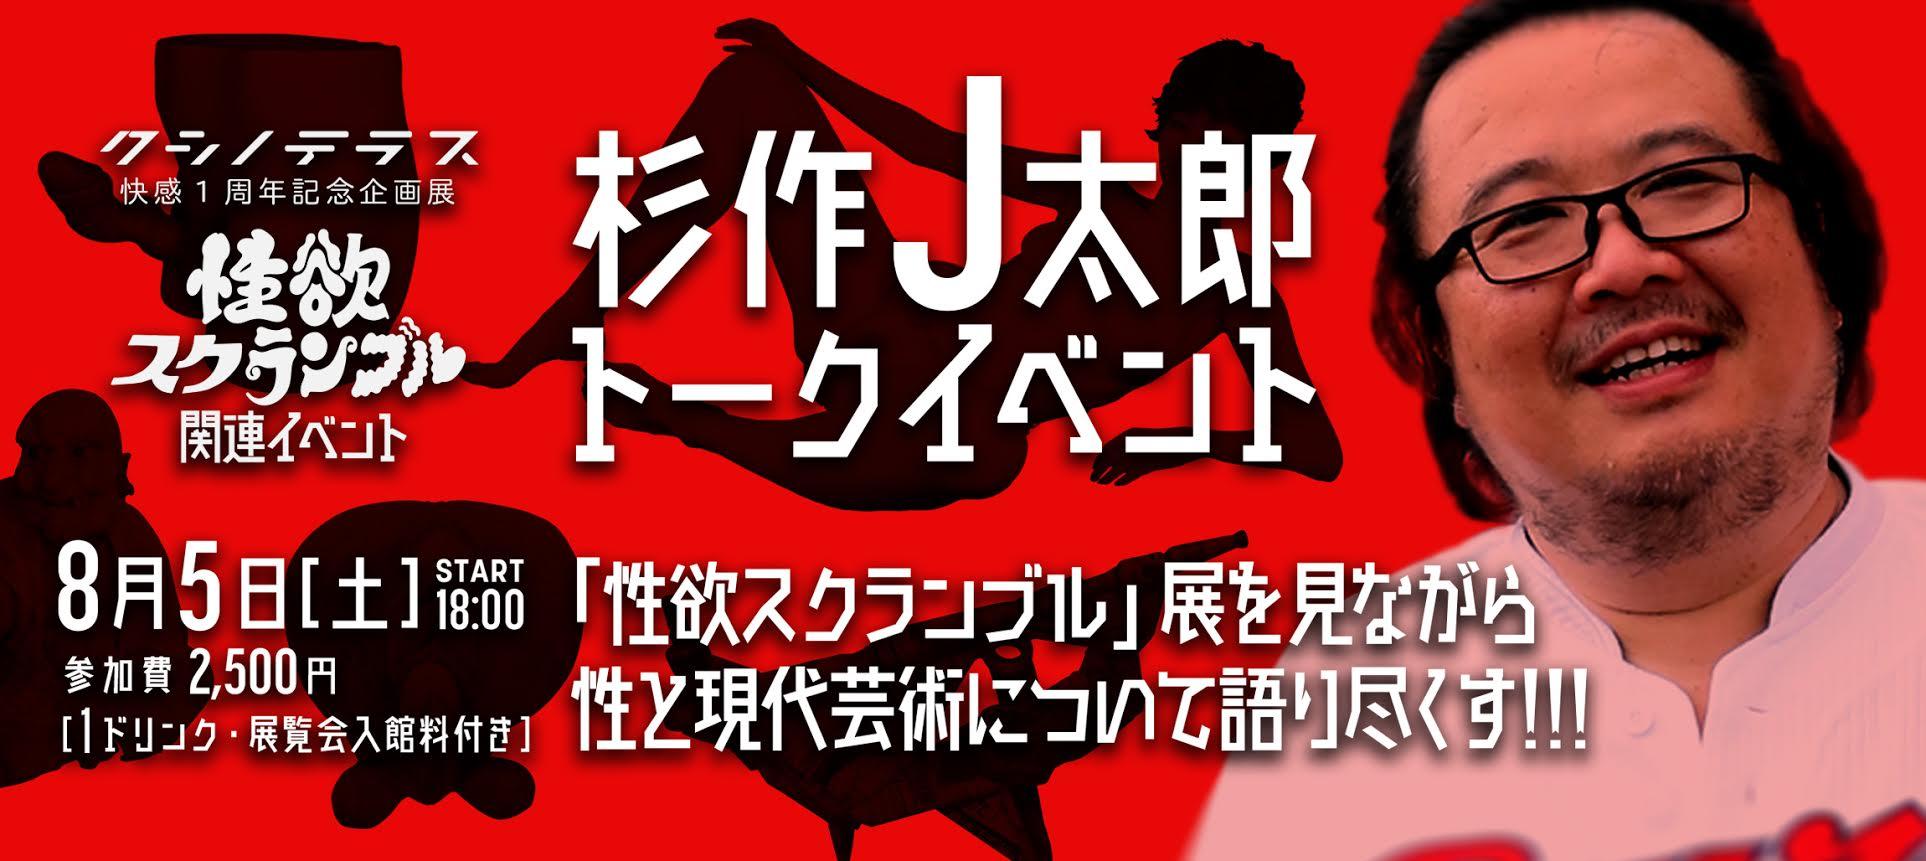 杉作J太郎トークイベント